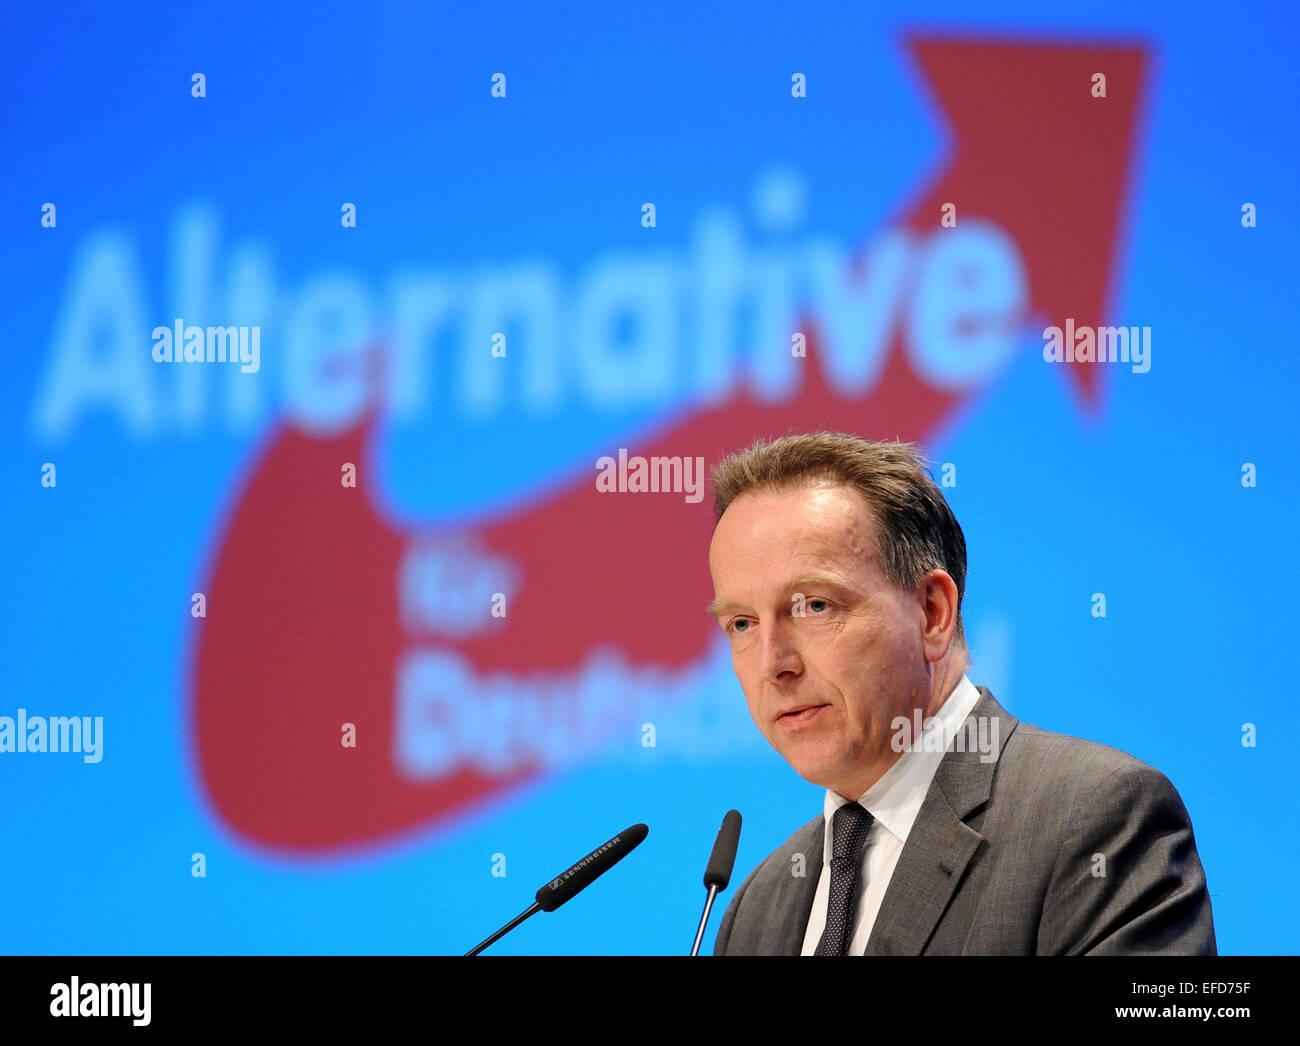 """Brême, Allemagne. 06Th Feb 2015. Le professeur Stefan Homburg à l'Université de Hanovre donne une conférence sur le thème """"Réforme de l'imposition du revenu"""" à la 3ème conférence des parties de l'Alternative für Deutschland (AfD) partie à Brême, Allemagne, 01 février 2015. La conférence de trois jours se termine dans l'après-midi. PHOTO: INGO WAGNER/dpa/Alamy Live News Banque D'Images"""